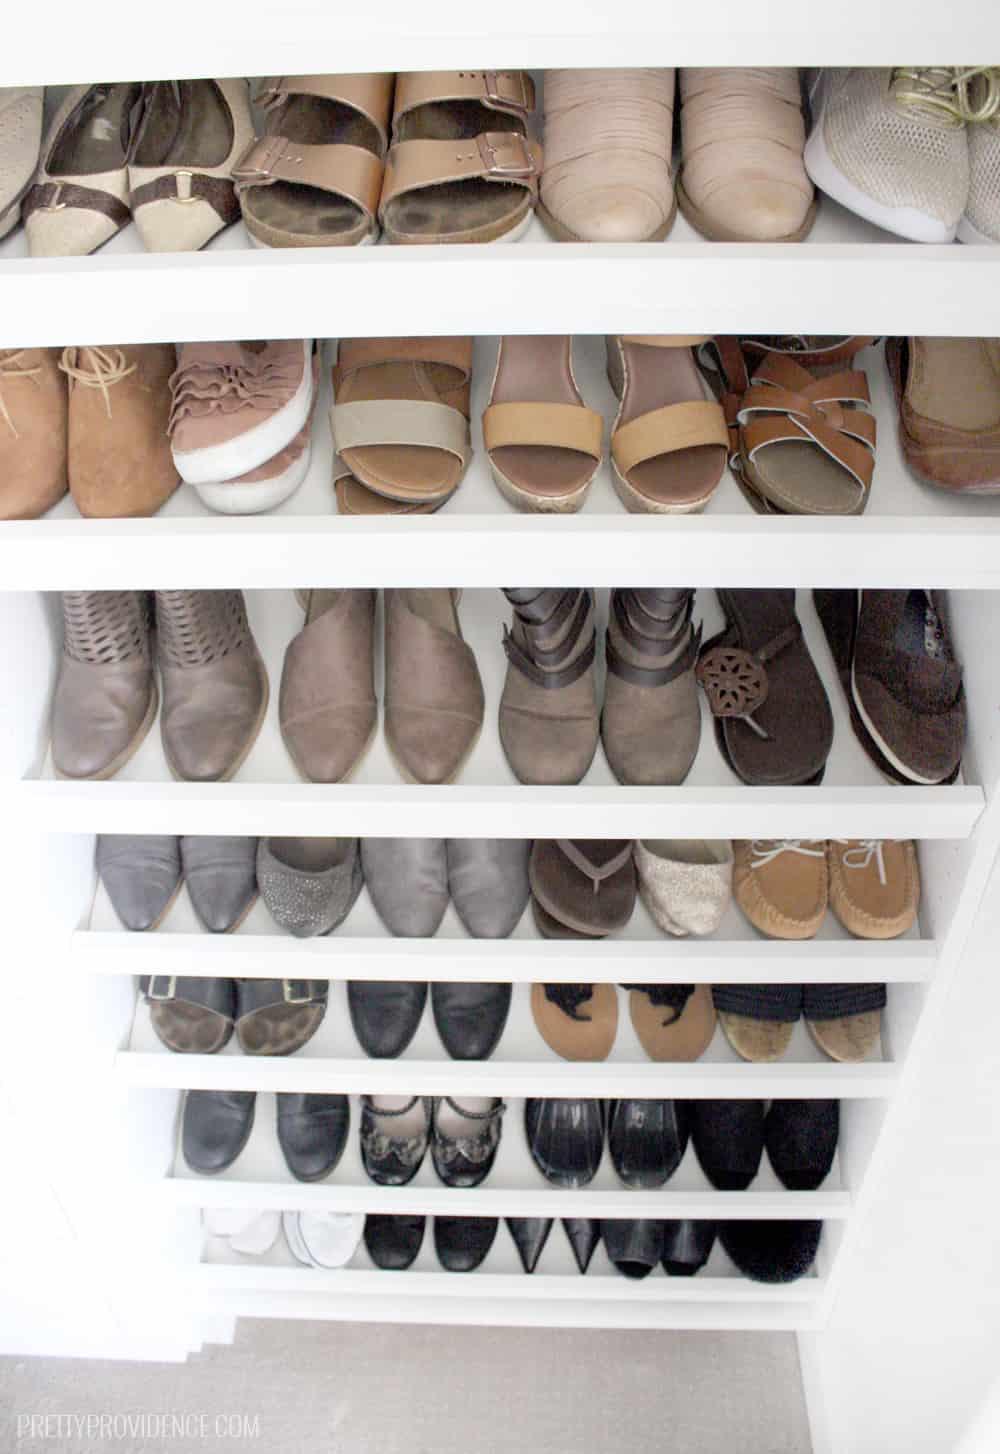 Master closet shoe racks!